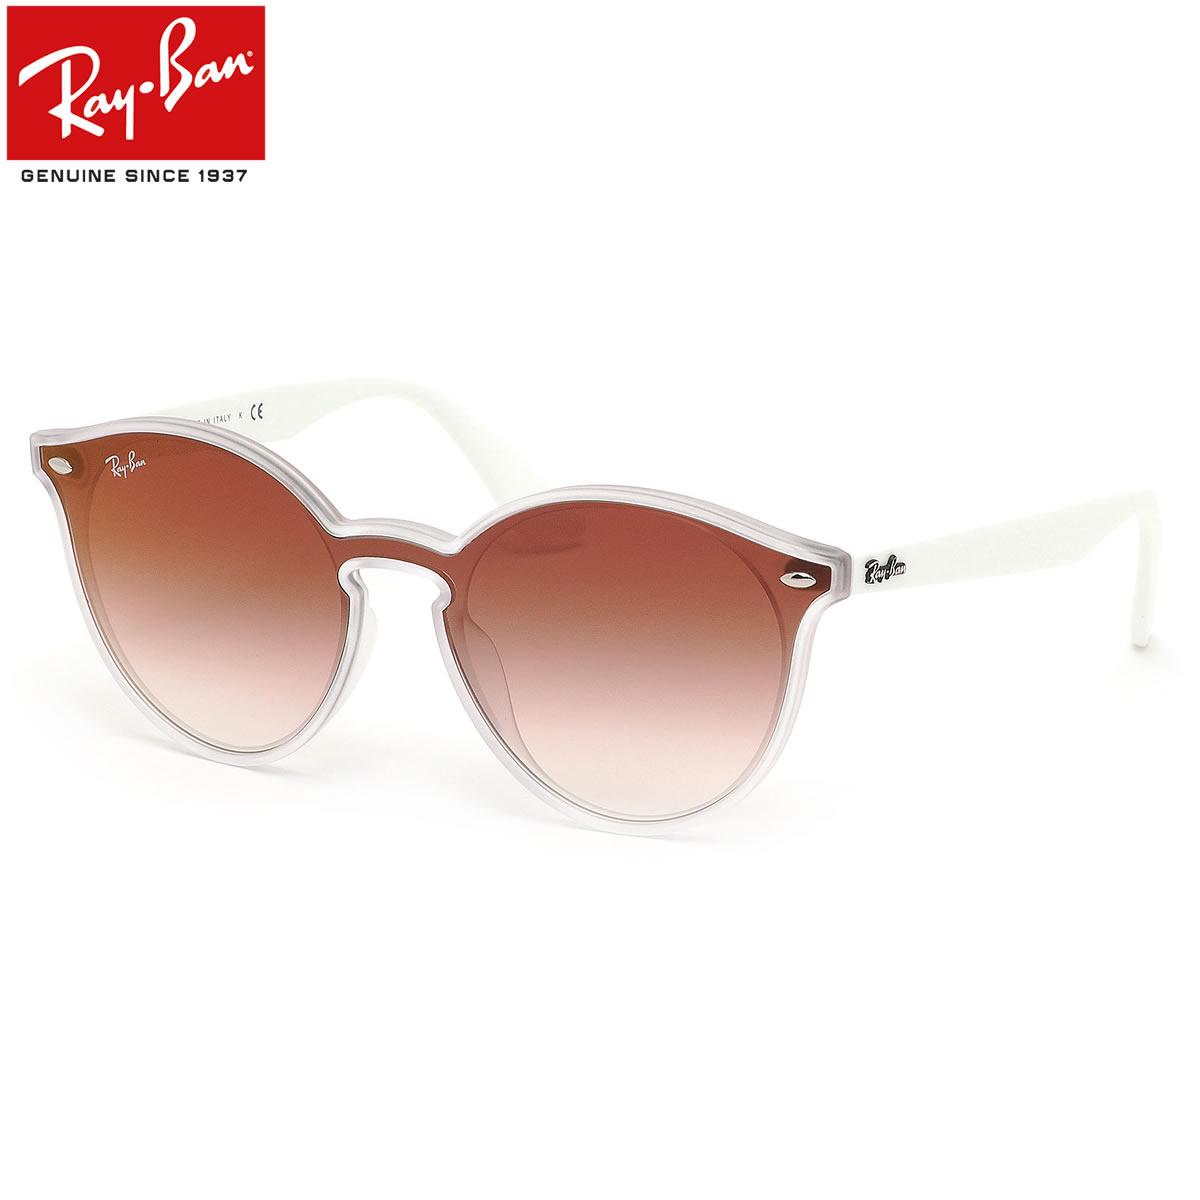 レイバン サングラス Ray-Ban RB4380NF 6357V0 139サイズ HIGHSTREET BLAZE ハイストリート ブレイズ レディースモデル RayBan 1枚レンズ フルフィット レッド